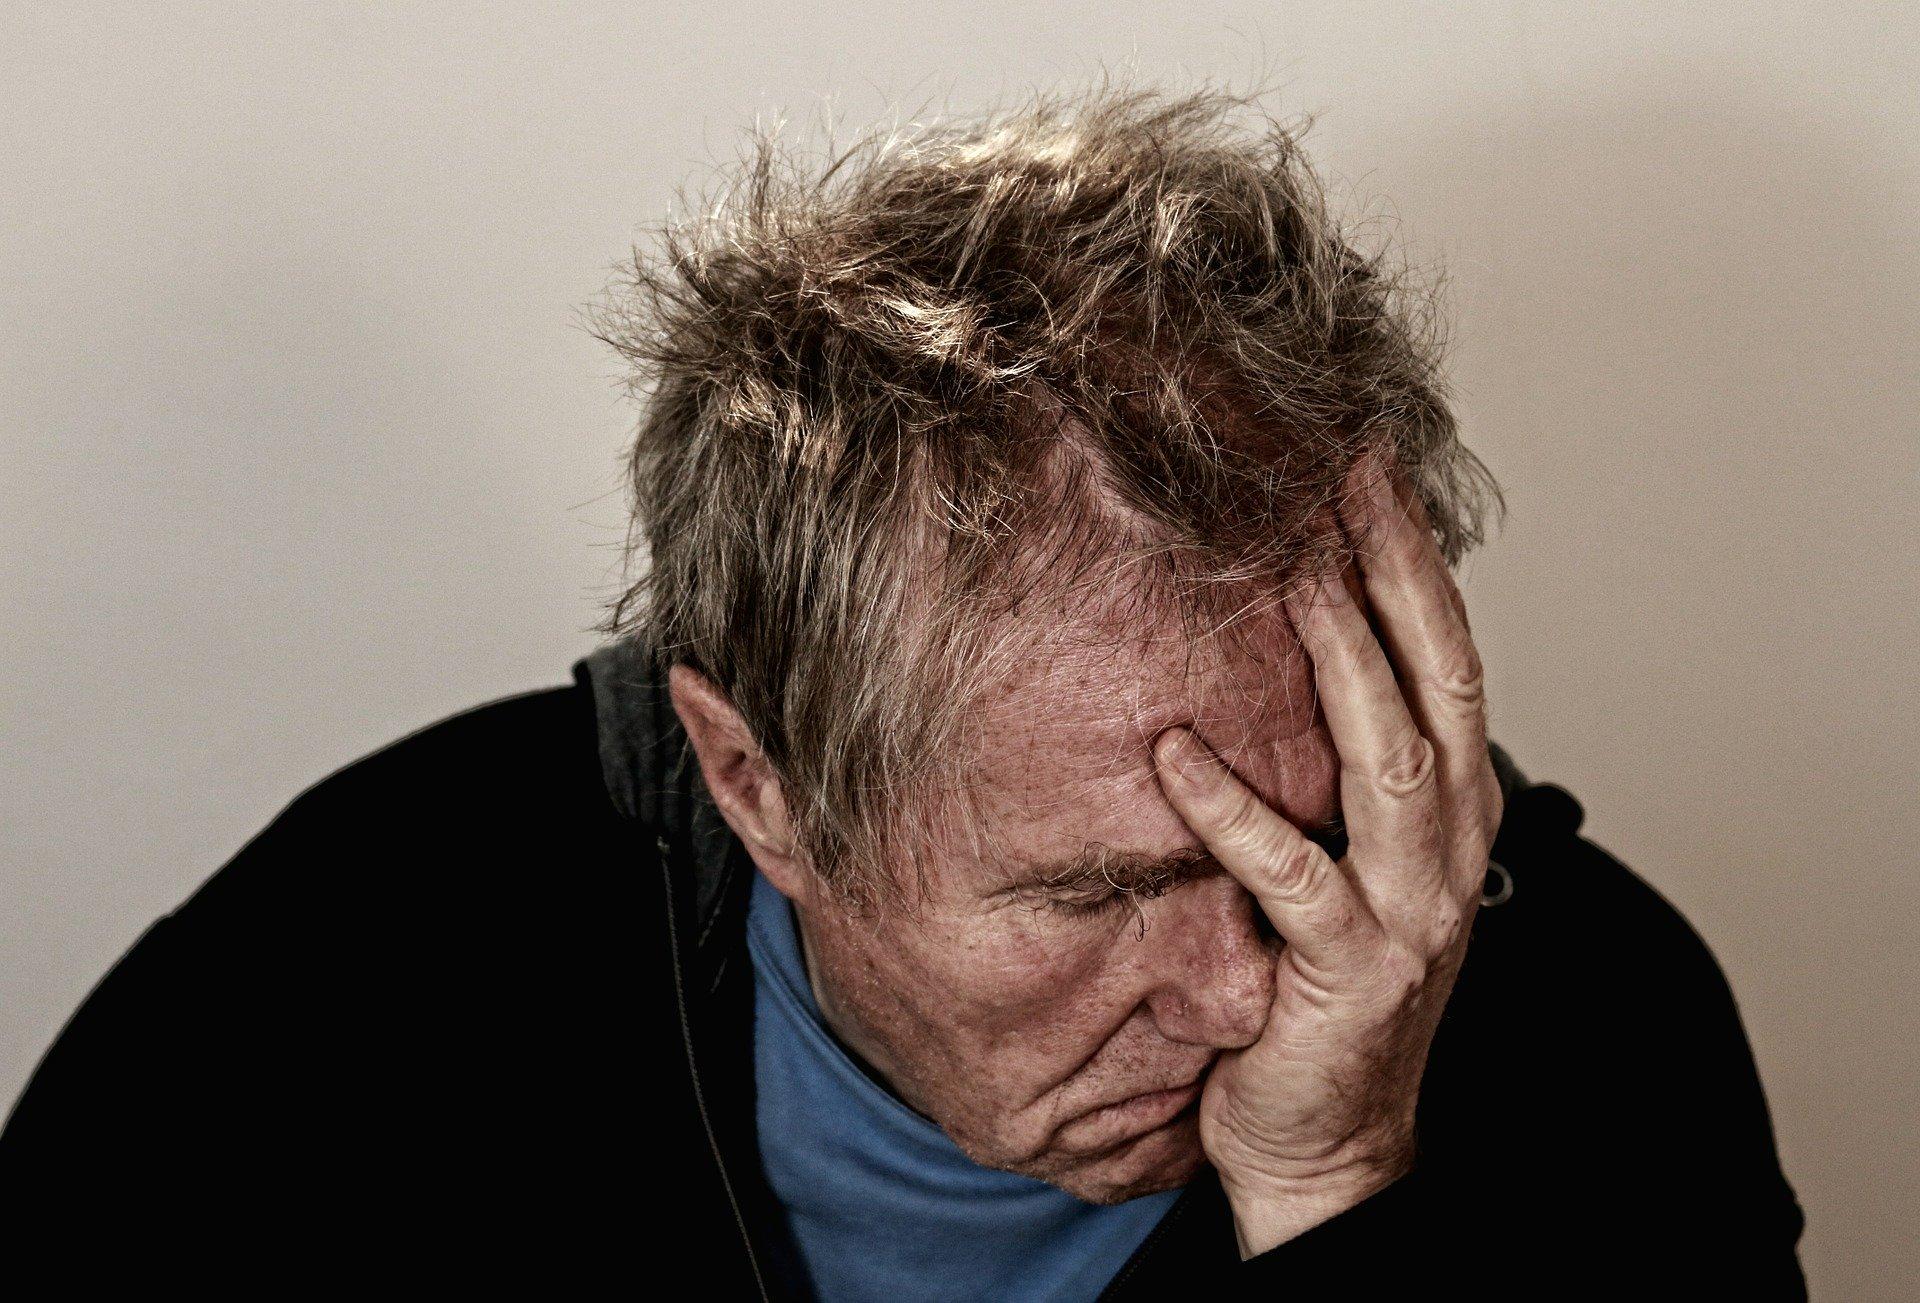 Niemal 1/4 Polaków zmaga się z zaburzeniami psychicznymi